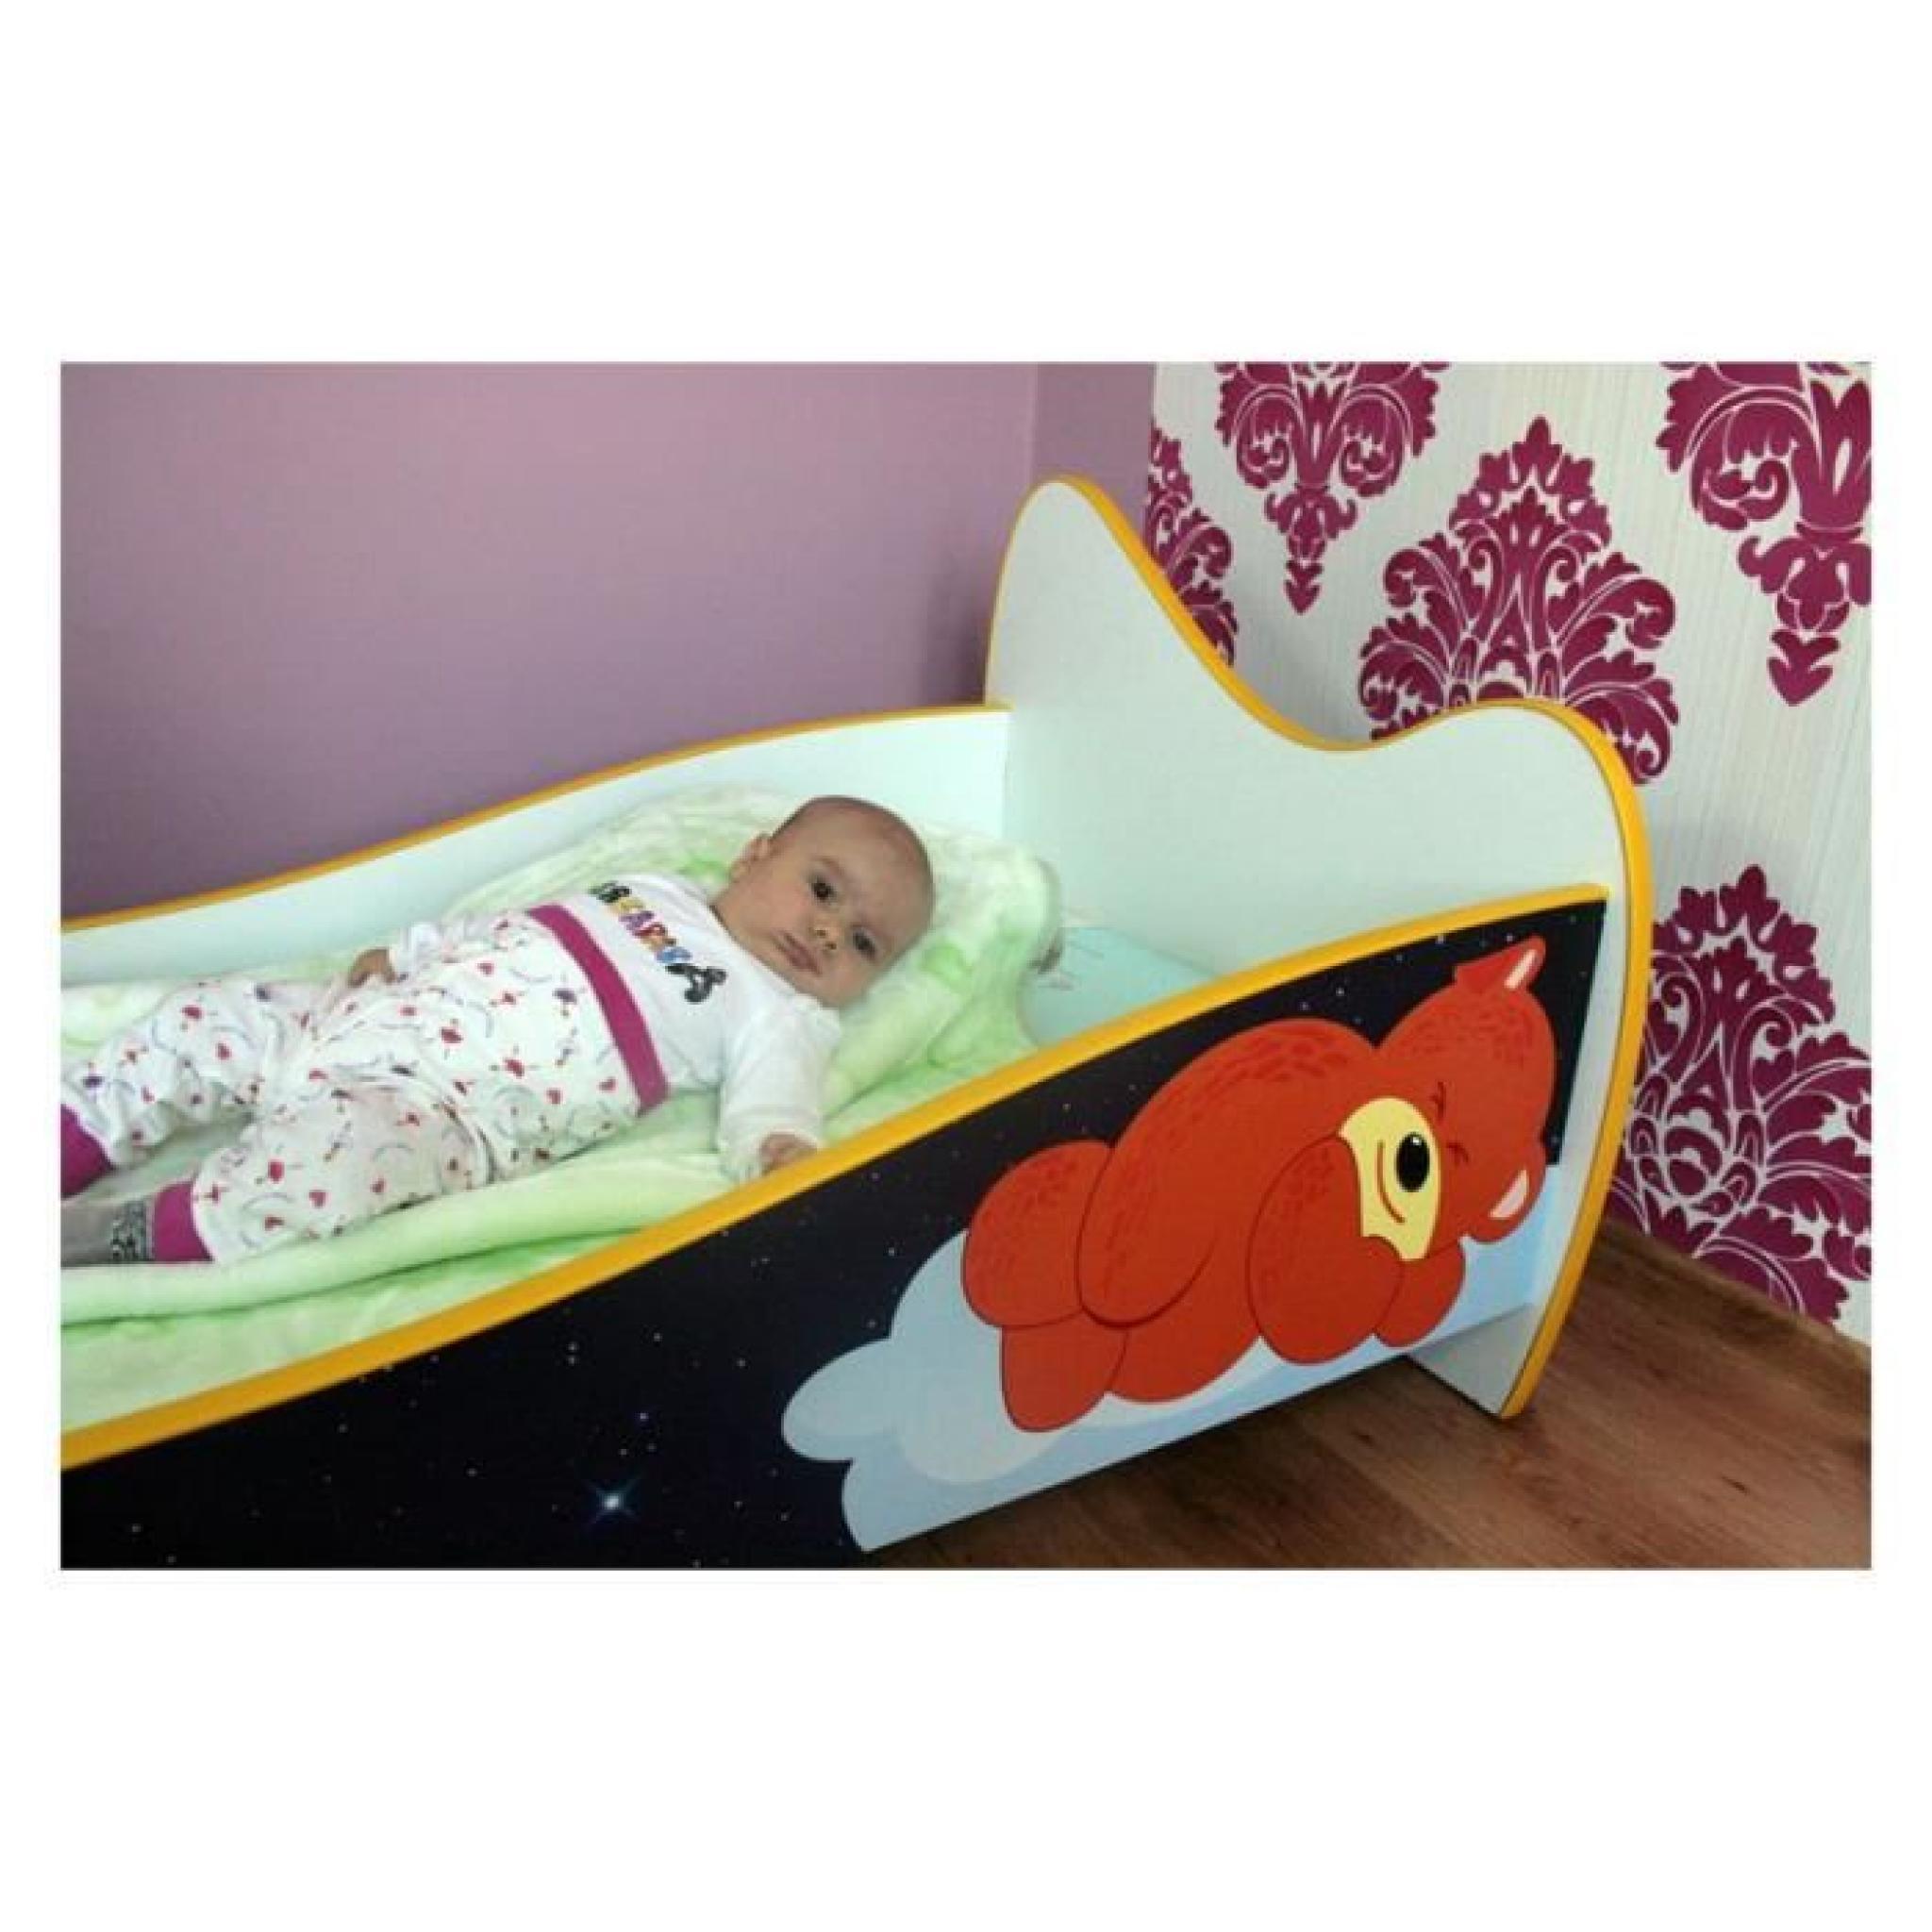 lit enfant et b b 140x70 avec matelas ours en peluche achat vente lit enfant pas cher. Black Bedroom Furniture Sets. Home Design Ideas